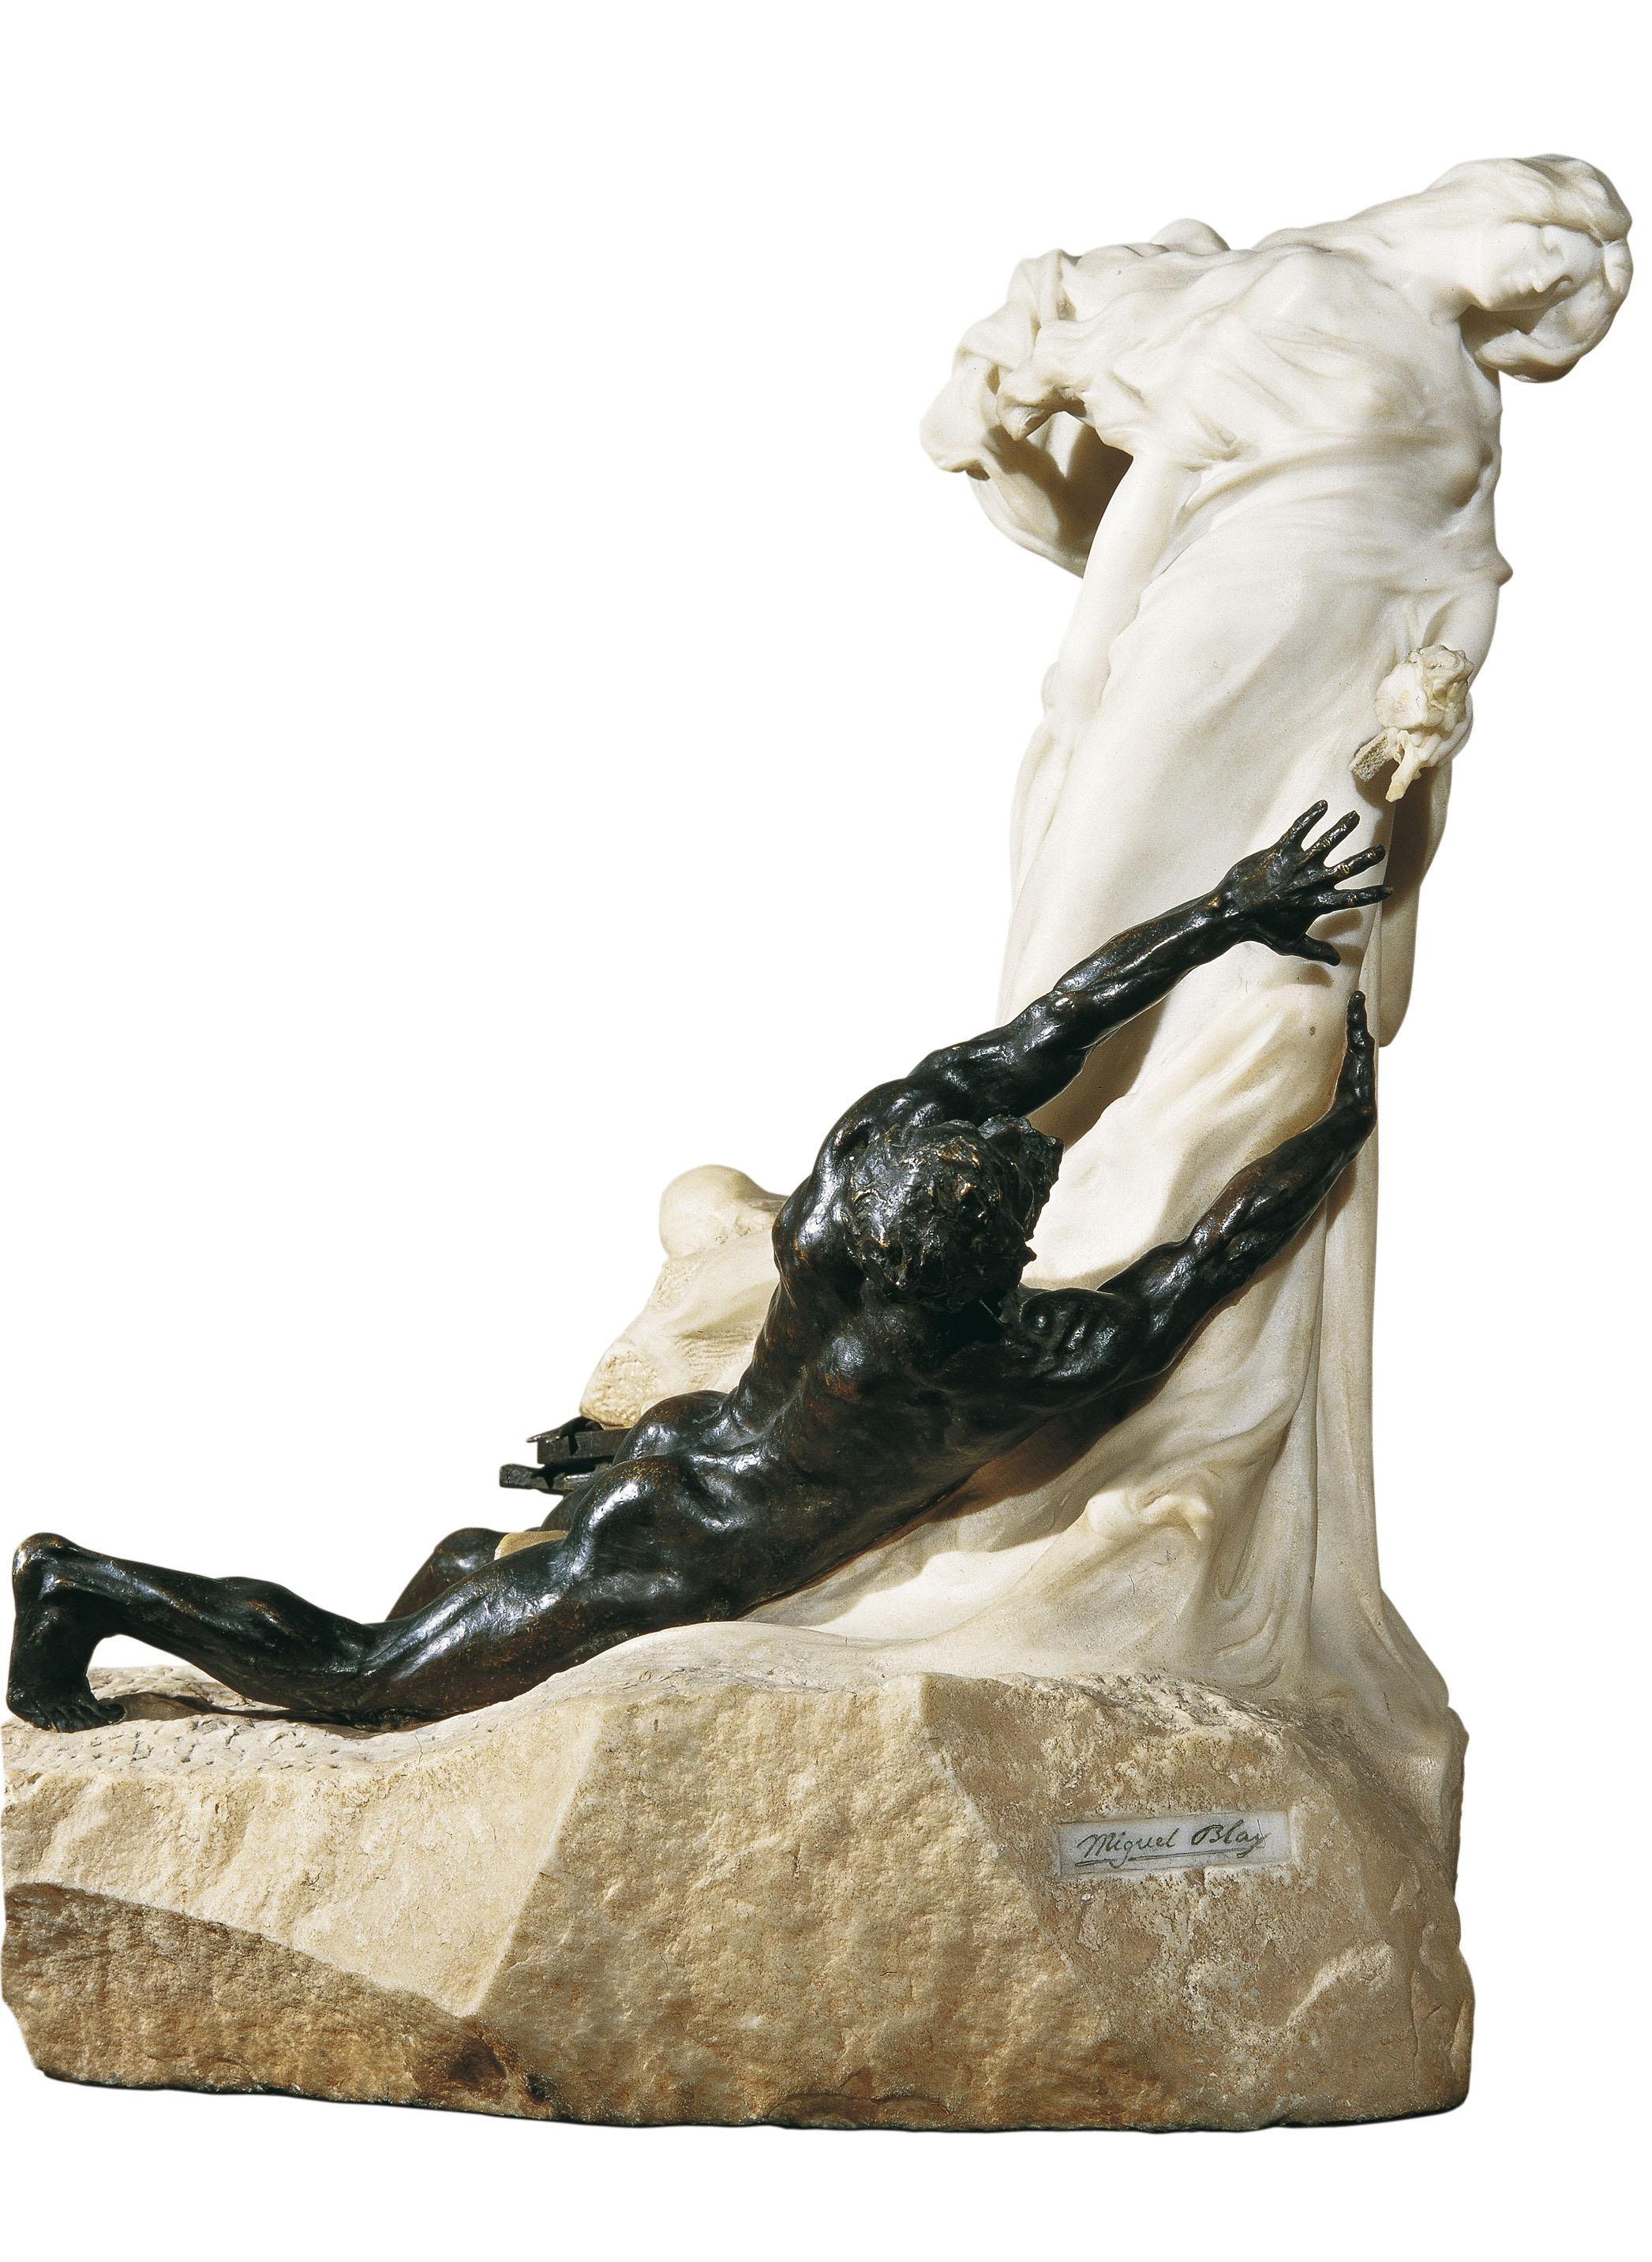 Miquel Blay - Perseguint la il·lusió - París, 1902